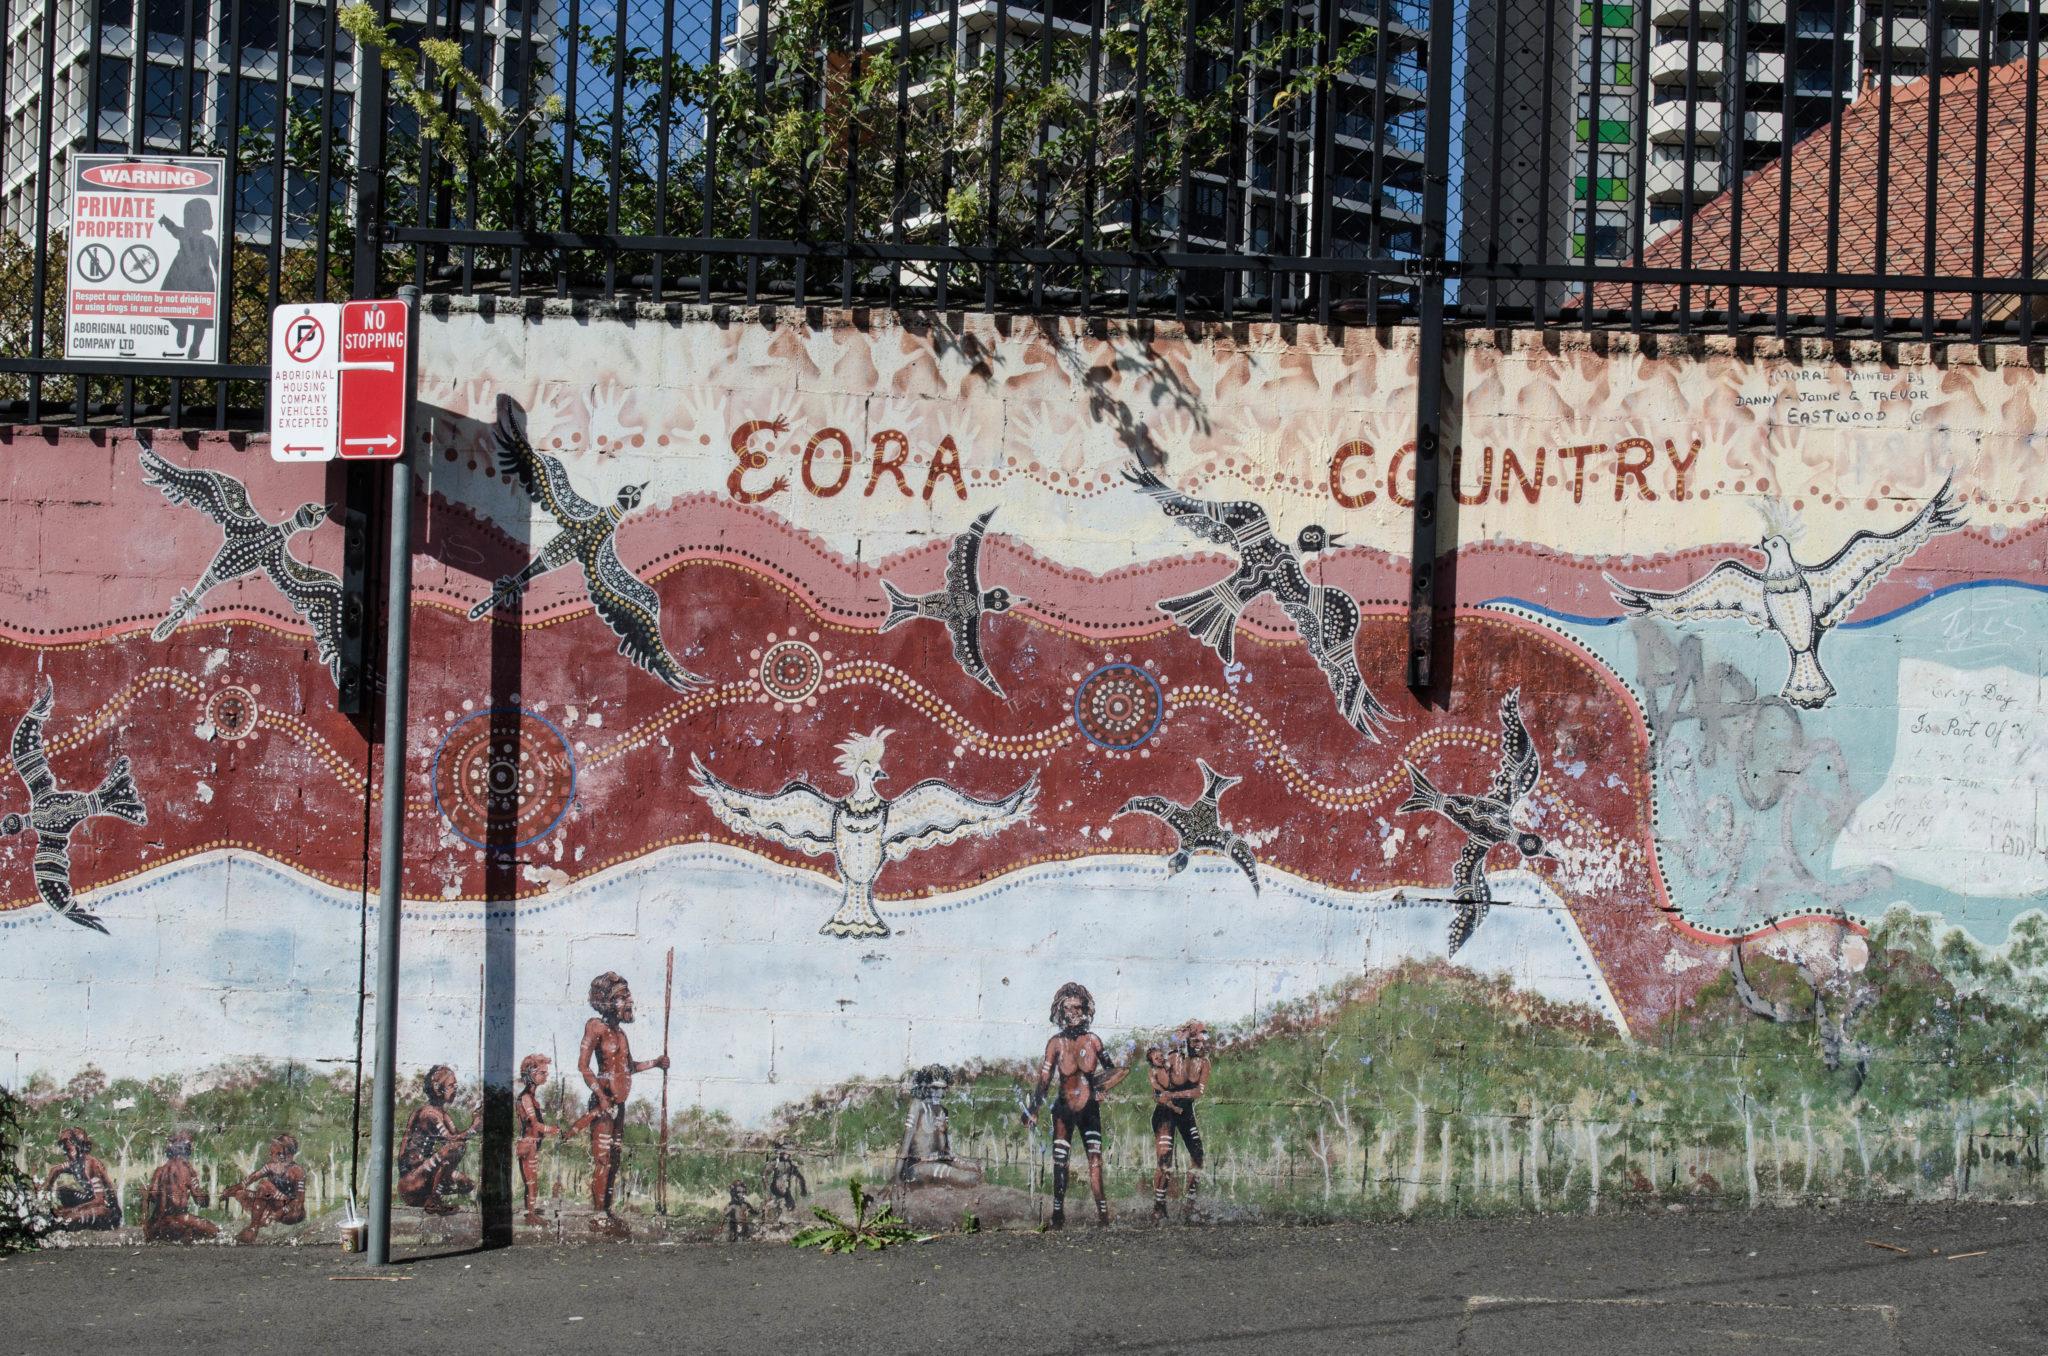 Redfern Sydney: Die Malerei an den Mauern erzählen die Geschichten der Aborigines, die hier einst lebten